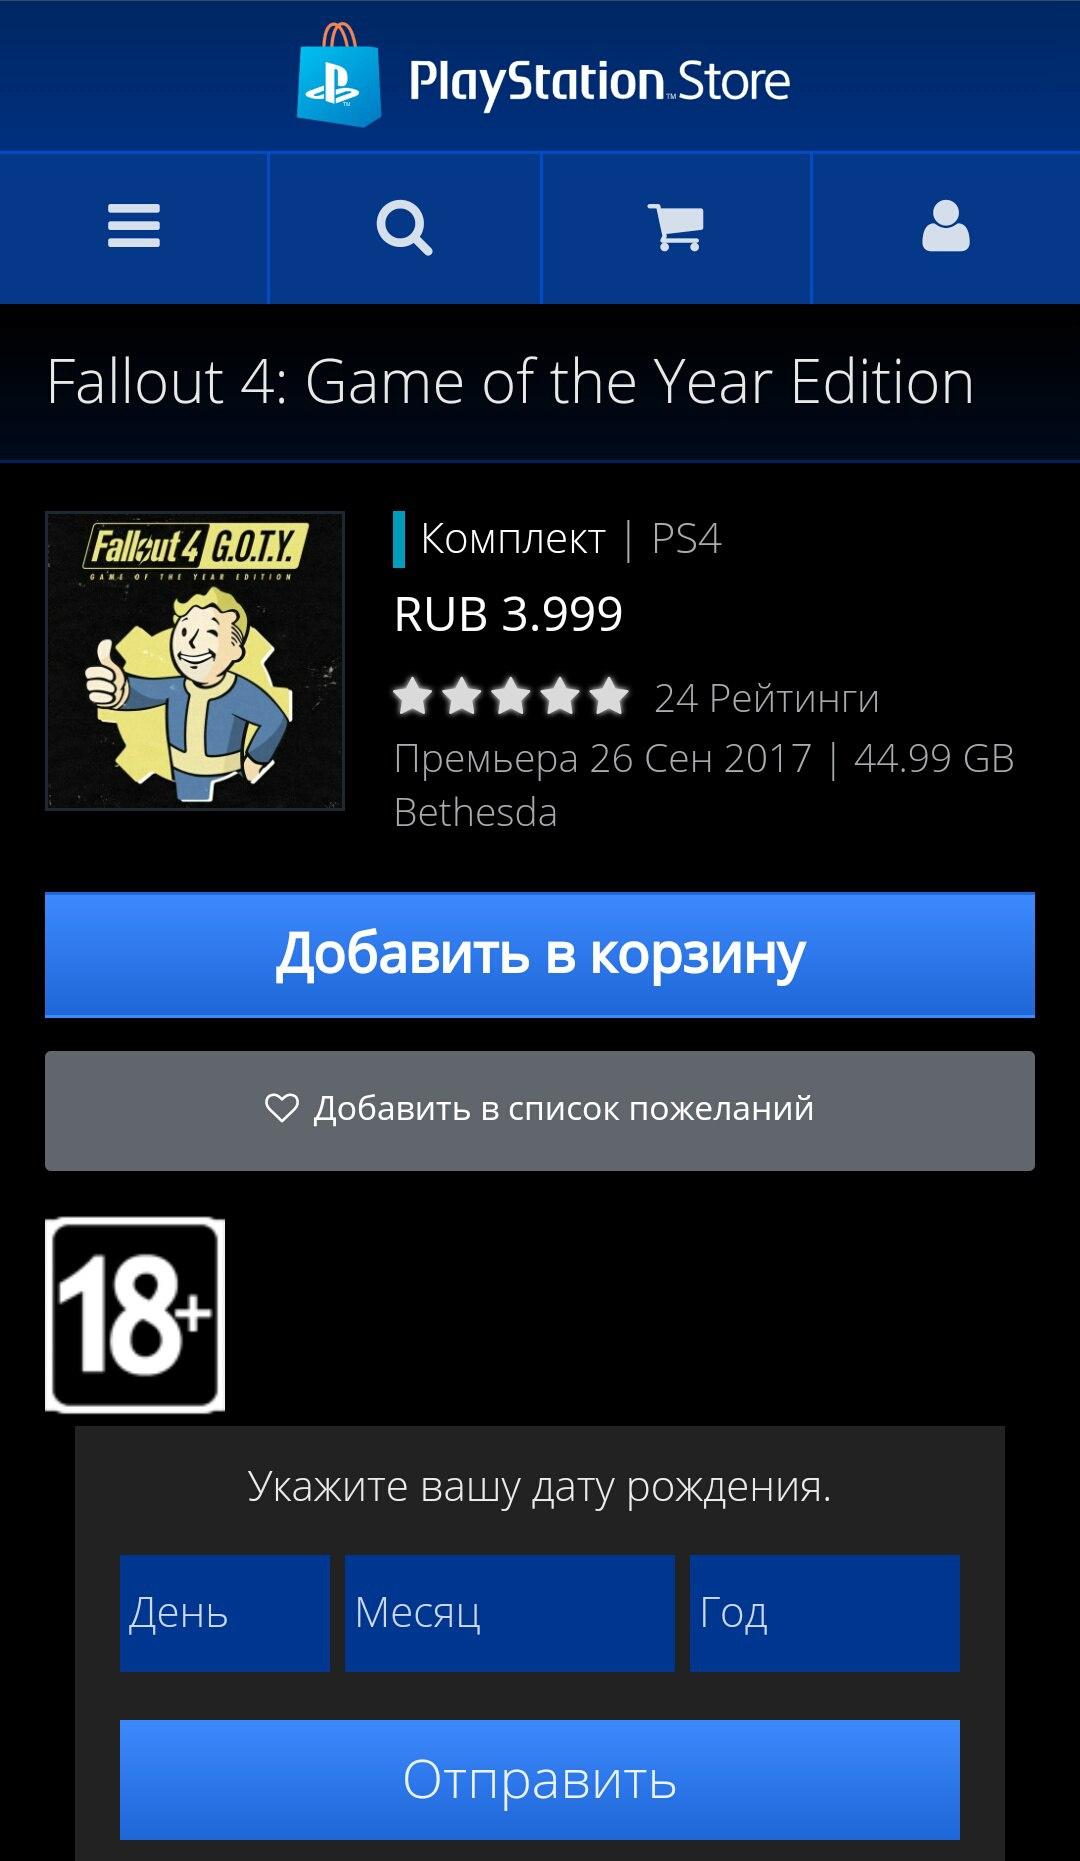 Странные дела творятся с распродажей у PlayStation скидка на Fallout4: Game of the Year Edition для всего мира есть, причем существенная, но России в этот праздник низких цен не входит.